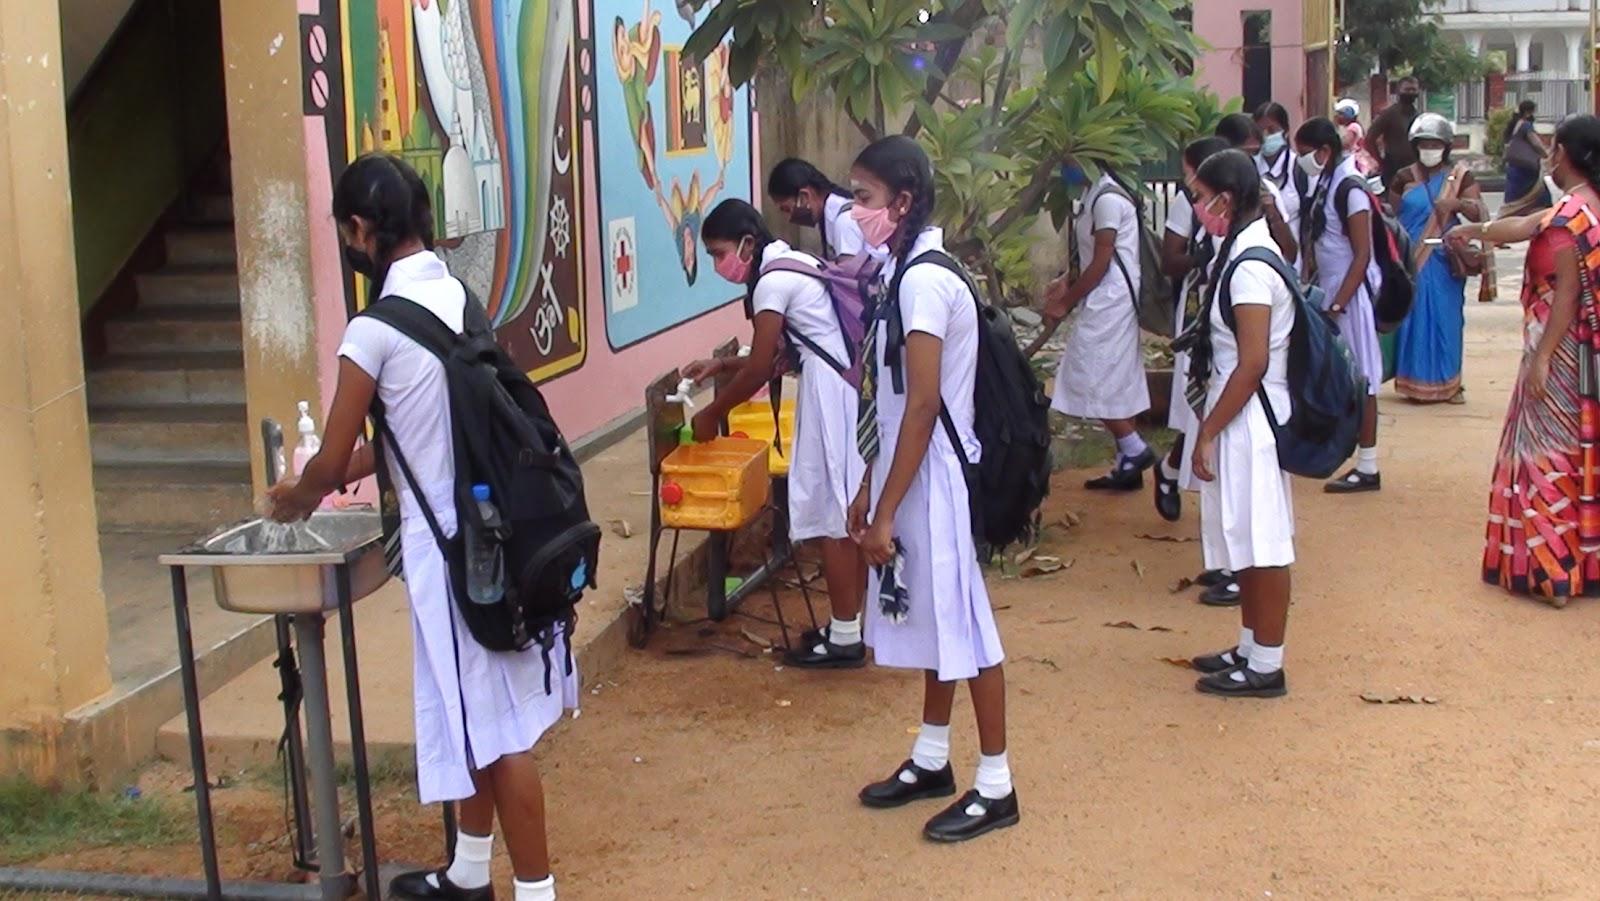 113 நாட்களின் பின்னர் பாடசாலை சென்ற மாணவர்கள் : படங்கள்